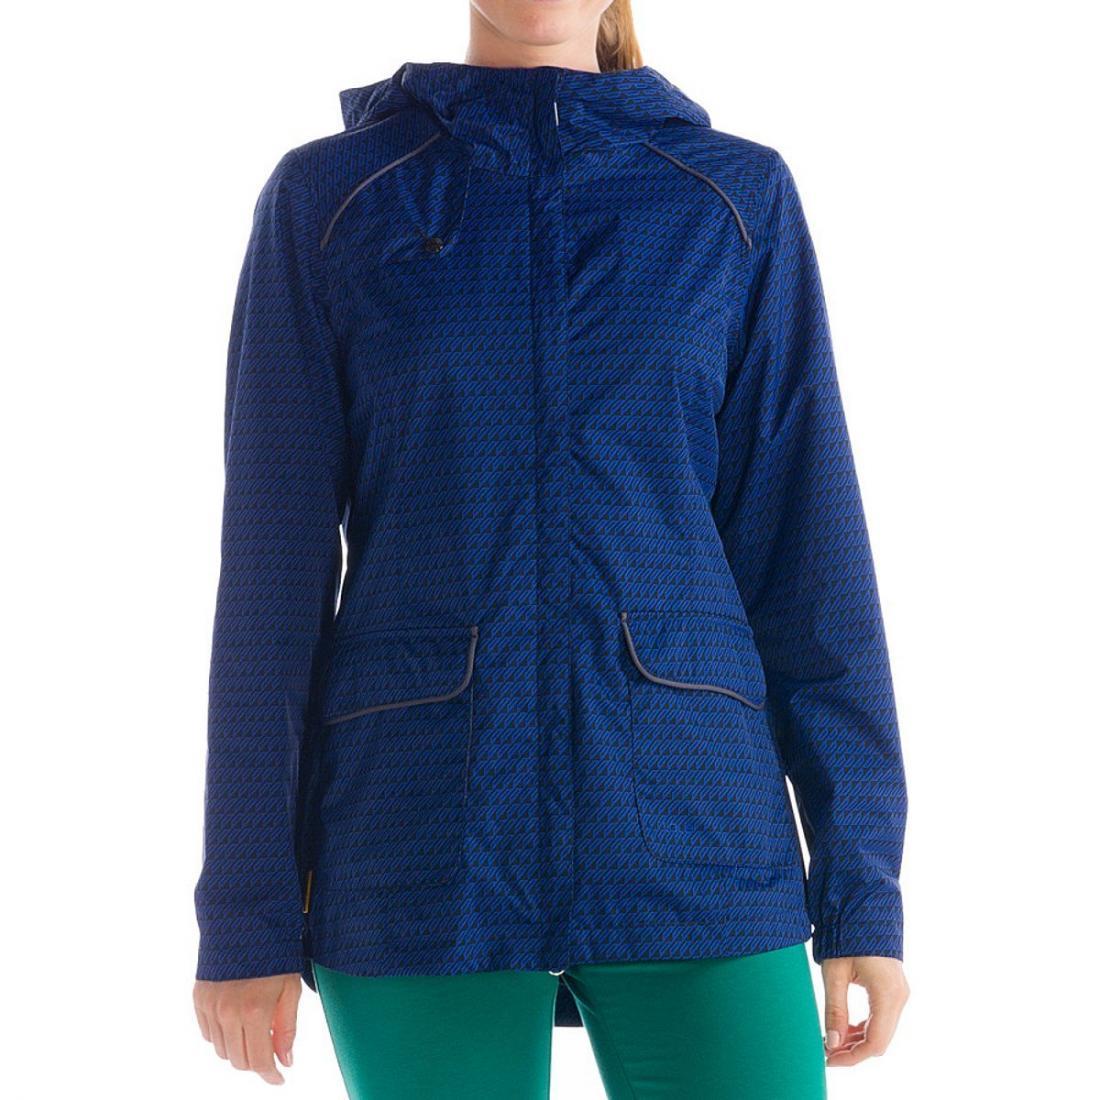 Куртка LUW0229 CAMDEN JACKETКуртки<br>CAMDEN JACKET – легкая женская куртка с капюшоном, которая может использоваться как ветровка, часть спортивной экипировки  или в качестве повсед...<br><br>Цвет: Темно-синий<br>Размер: S